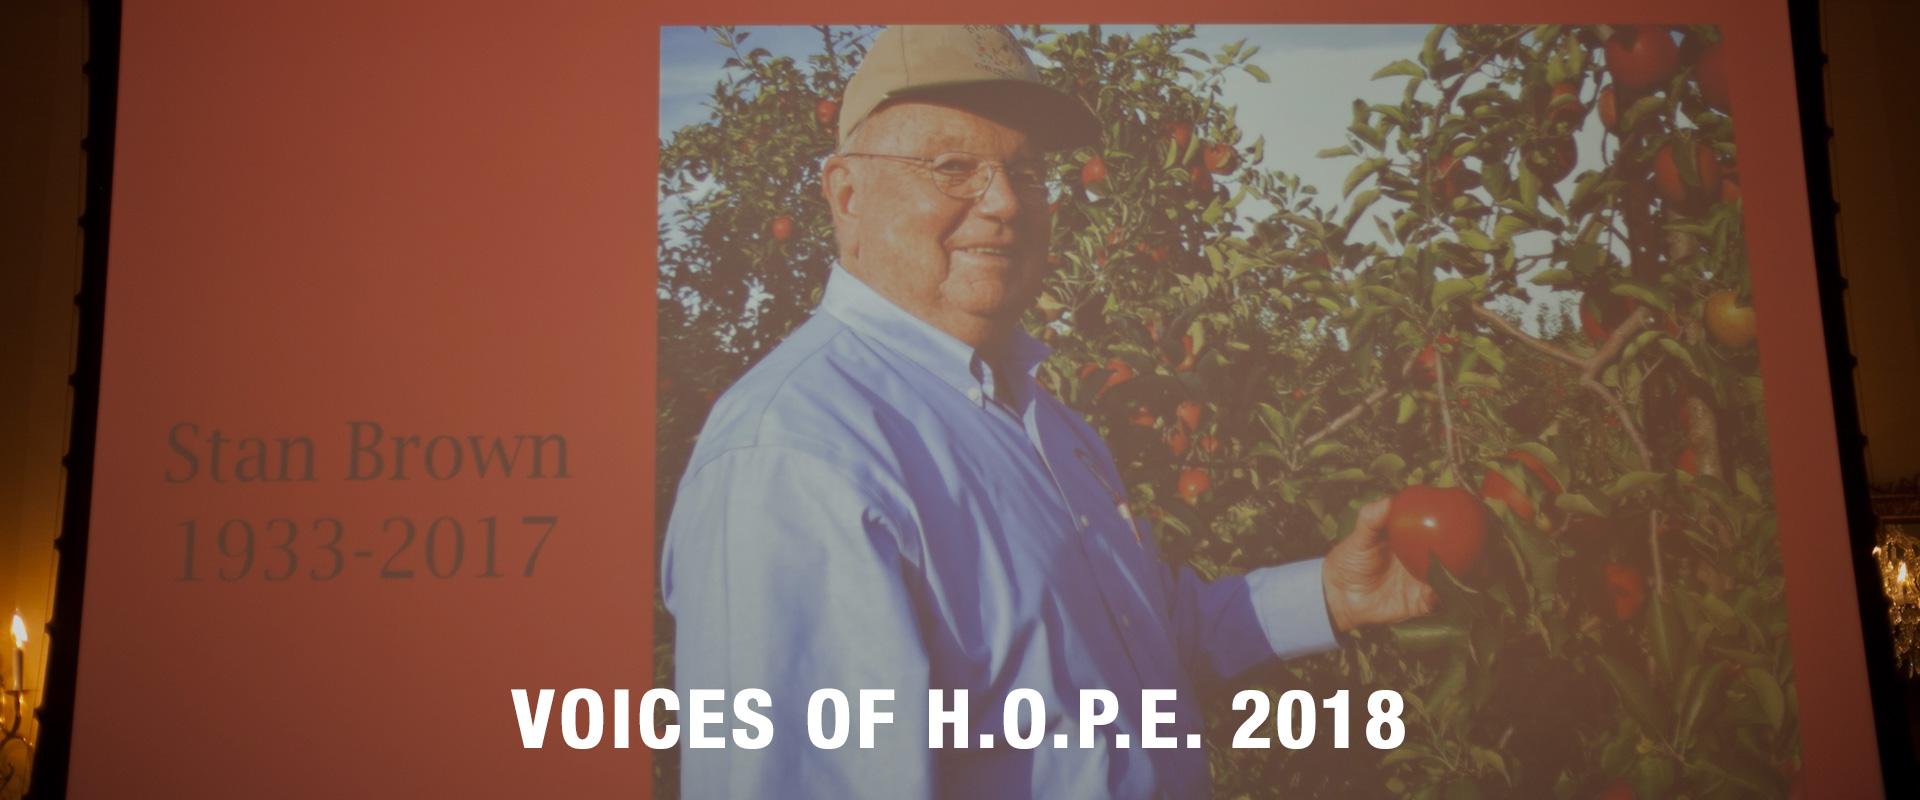 Voices of H.O.P.E. 2018 - 5